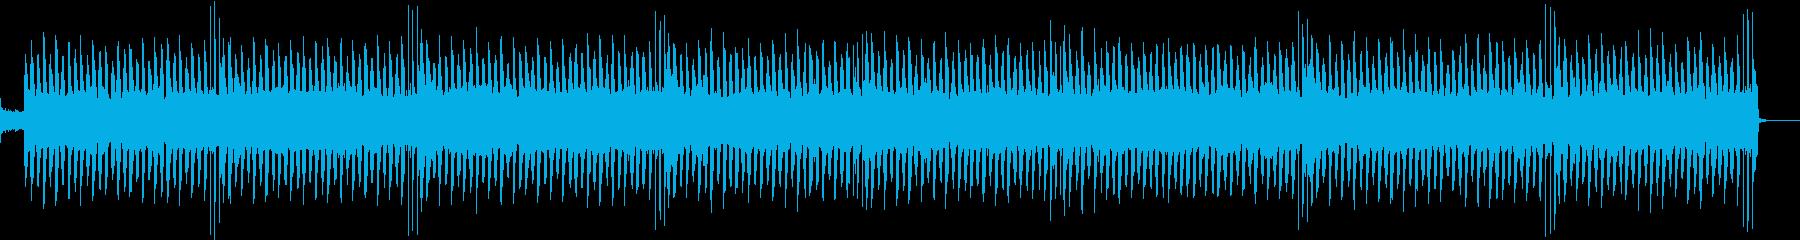 軽快なシンセサウンドのエレクトロポップ曲の再生済みの波形